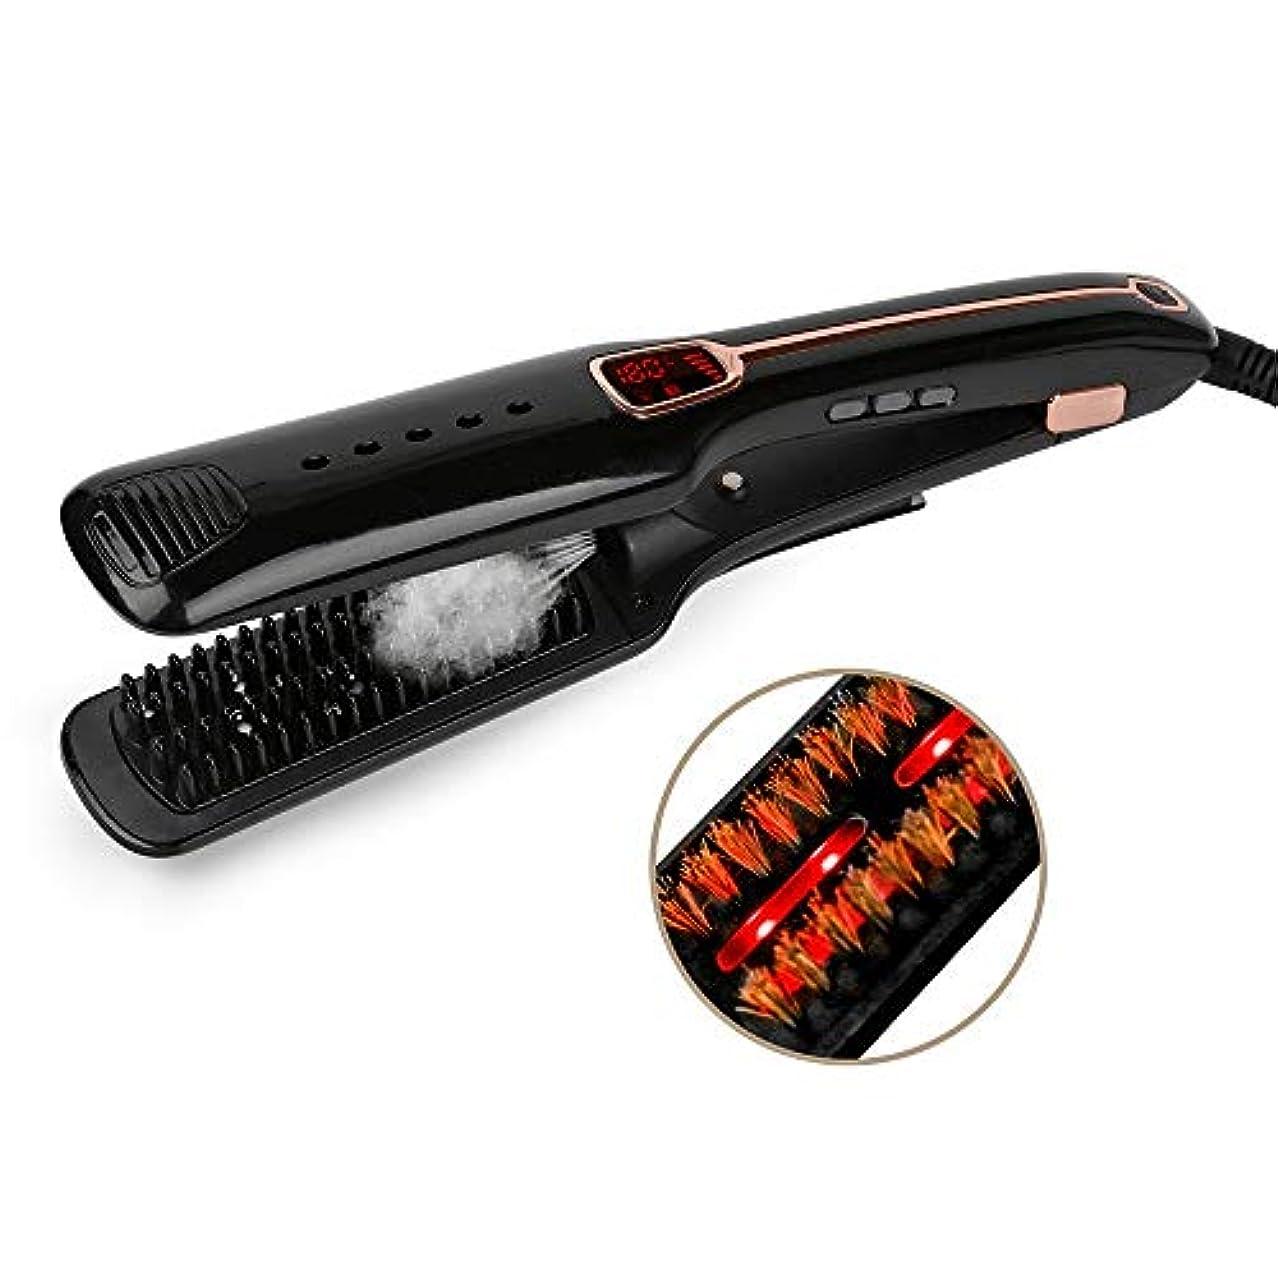 に賛成ハーネスラップストレートヘアスティック LCDディスプレイデザインの赤外線スチームストレートナーポータブルホーム調節可能な温度ストレートヘアスティックは、ストレージと旅行に非常に適しています すべてのタイプの髪に適しています (色 :...